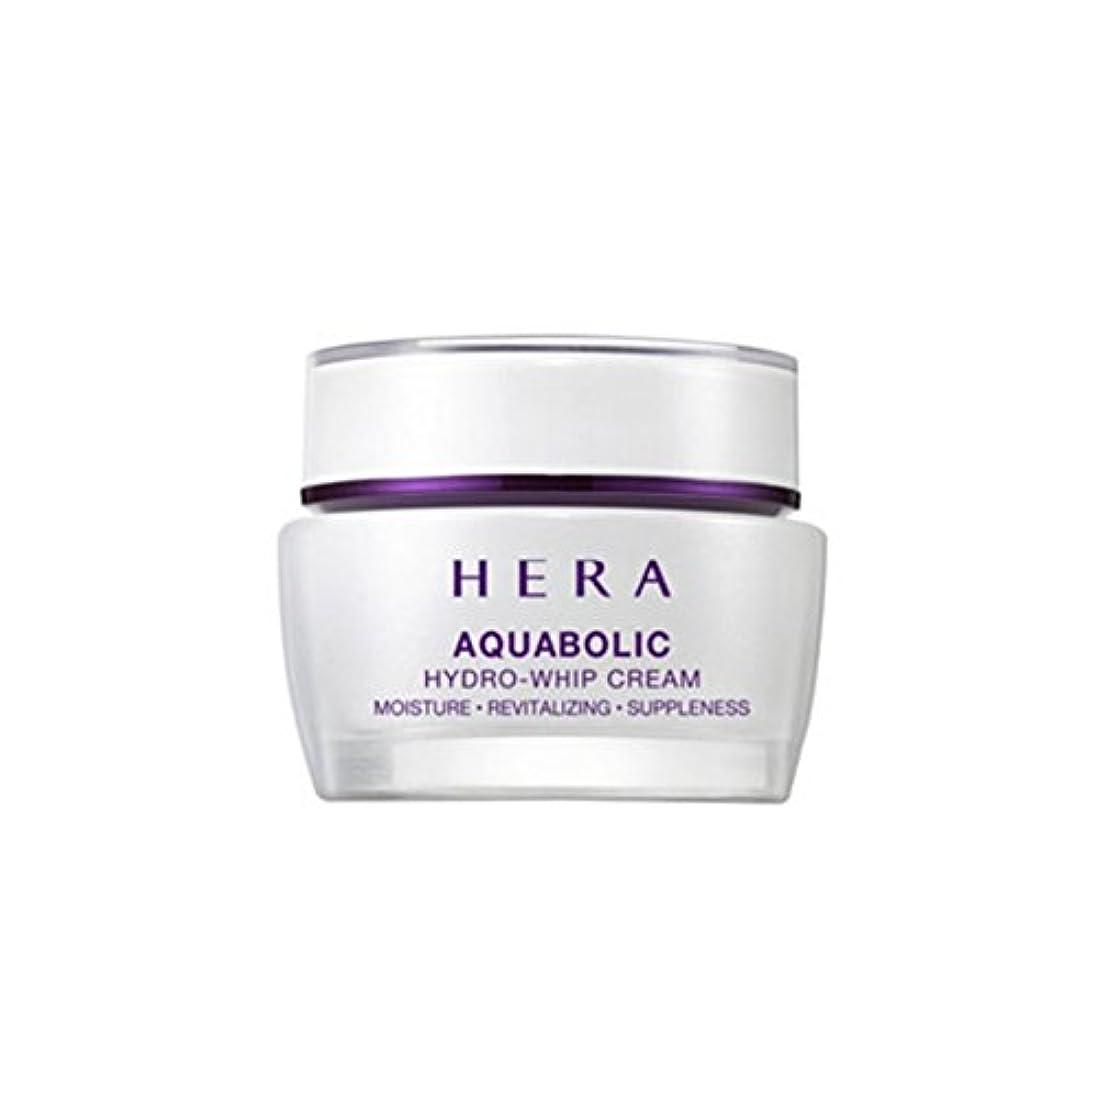 復讐汚染する不屈(ヘラ) HERA Aquabolic Hydro-Whip Cream アクアボリックハイドロホイップ クリーム (韓国直発送) oopspanda